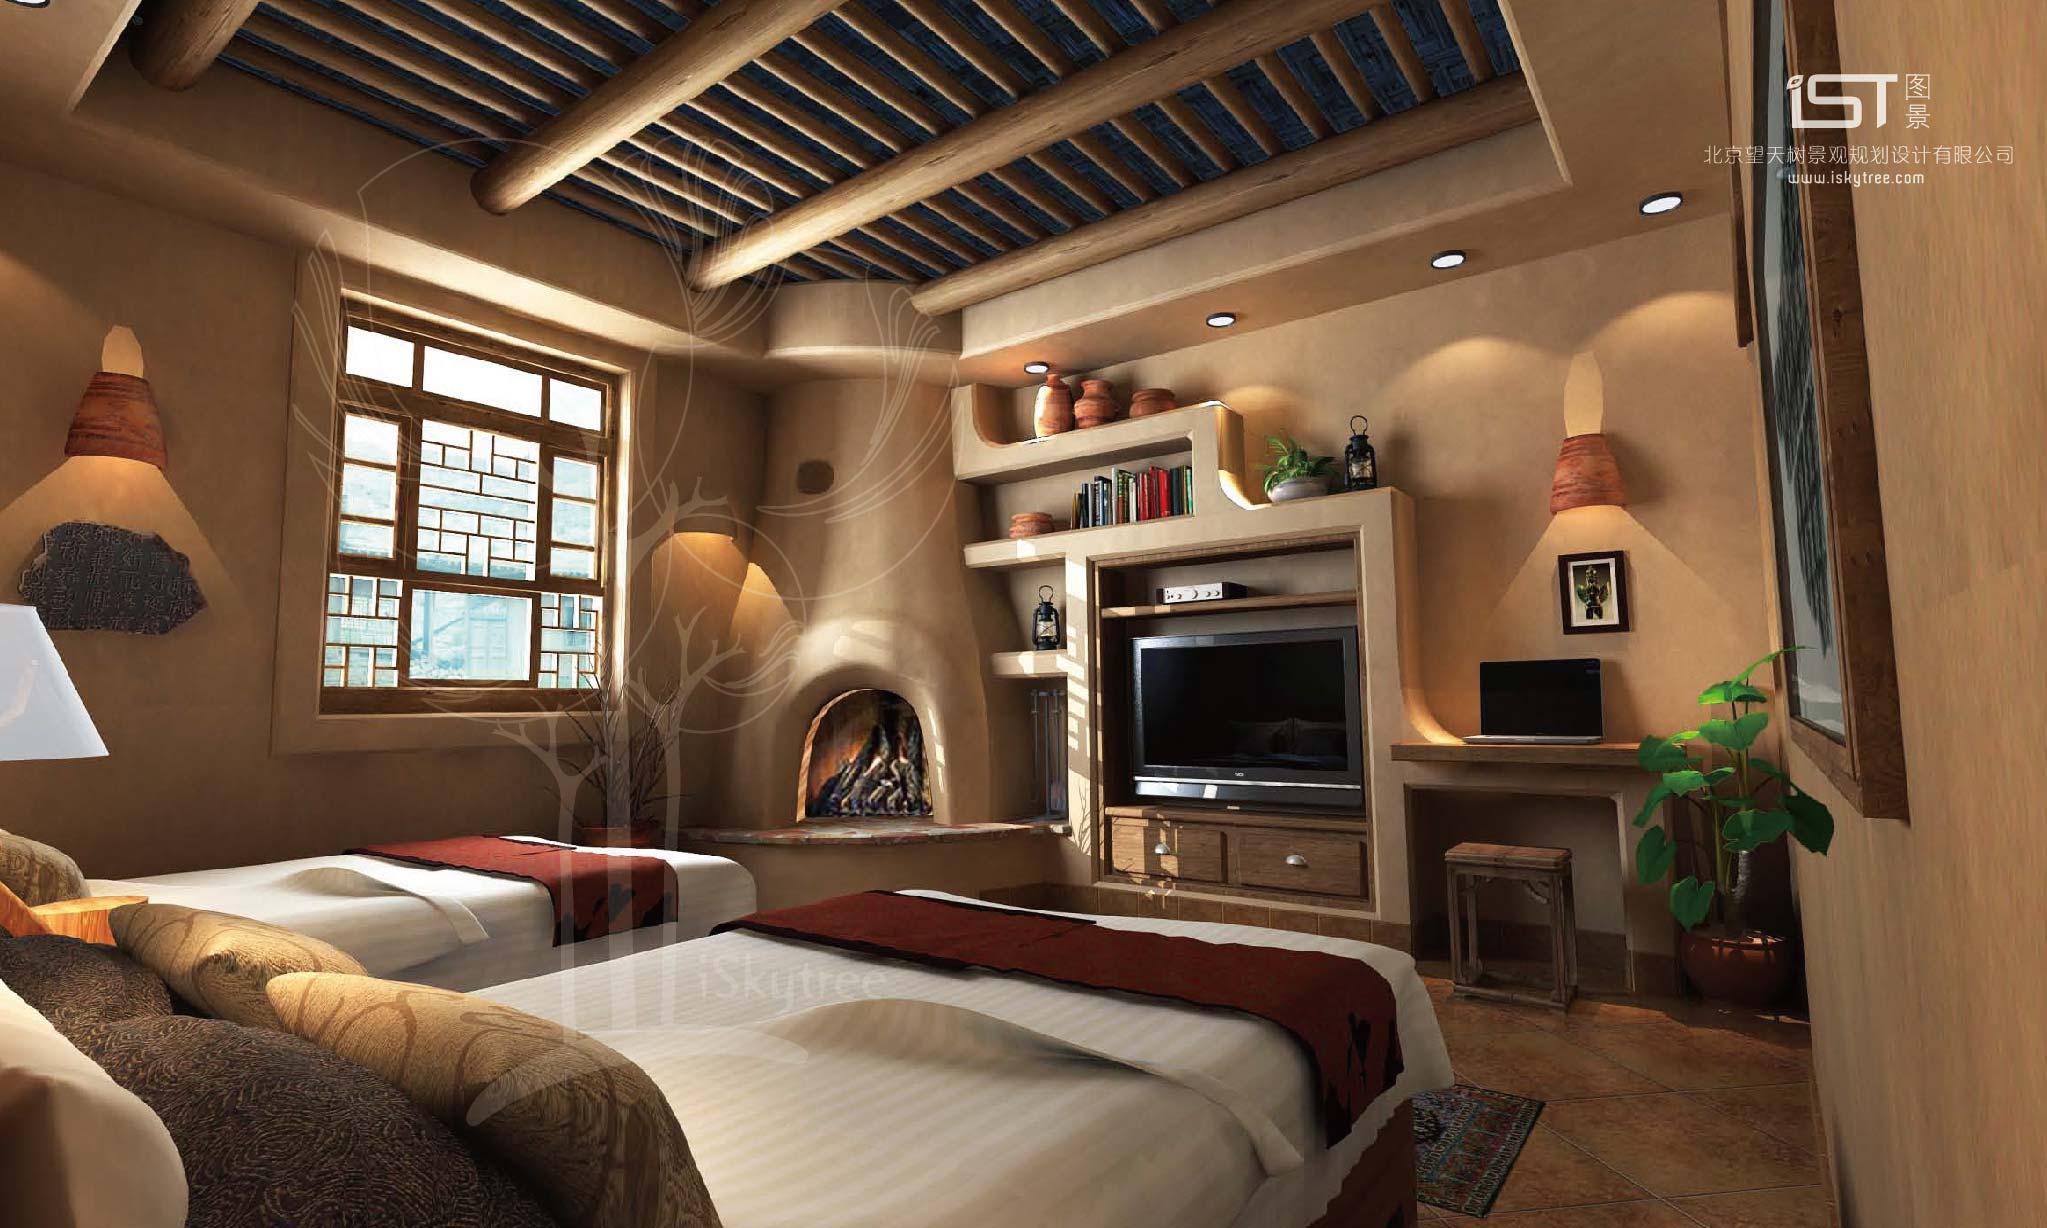 黨項主題民俗客棧客房裝修設計方案一效果